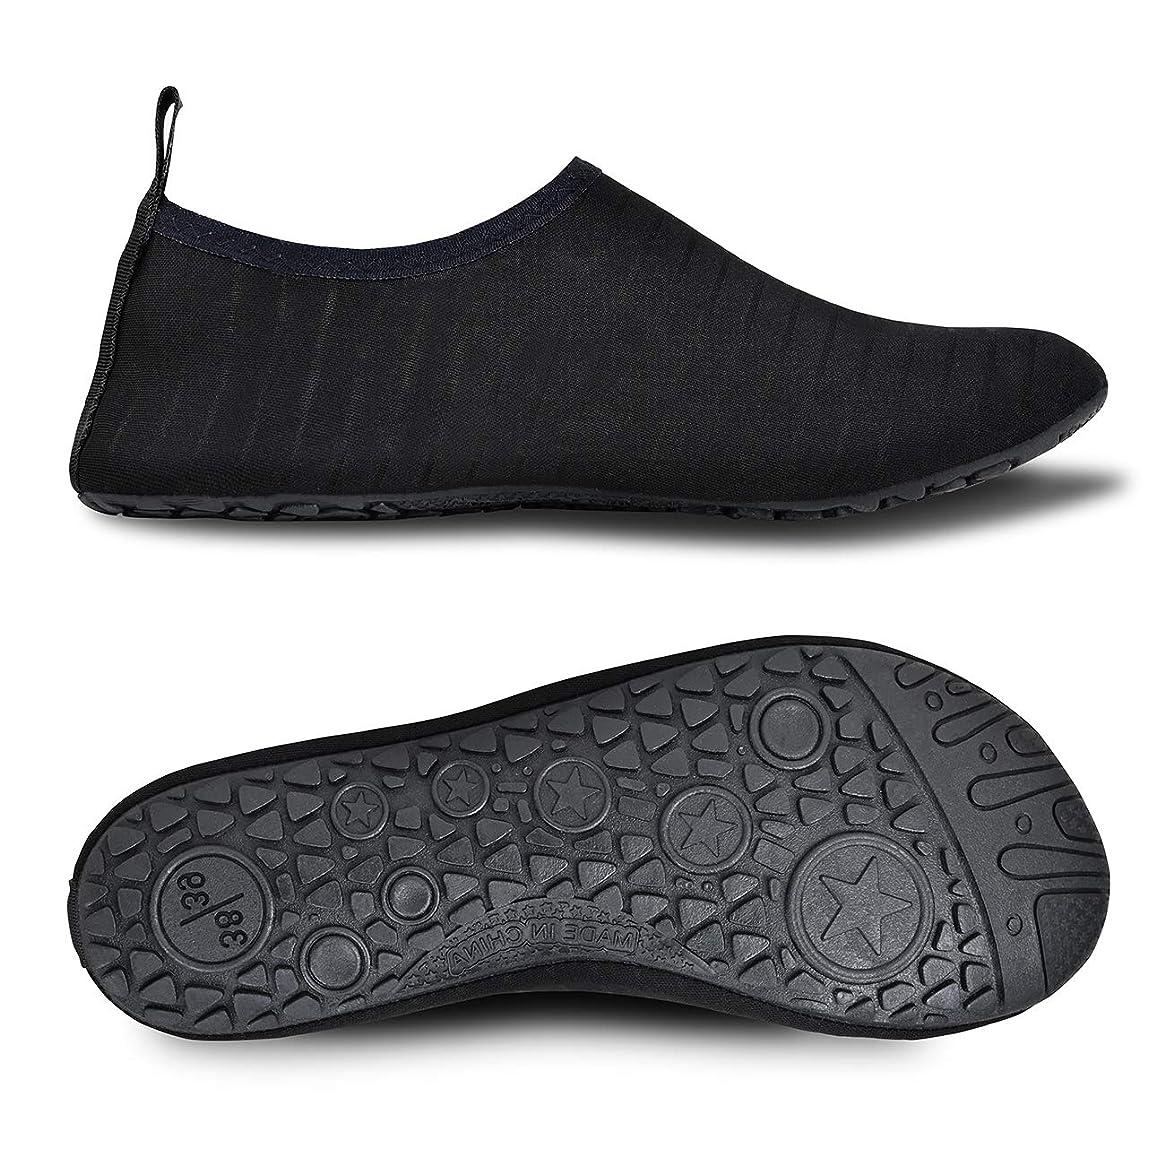 MET520 Men Women Water Shoes Quick-Dry Aqua Socks Barefoot?Slip-on for Sport Beach Swim Surf Yoga Exercise